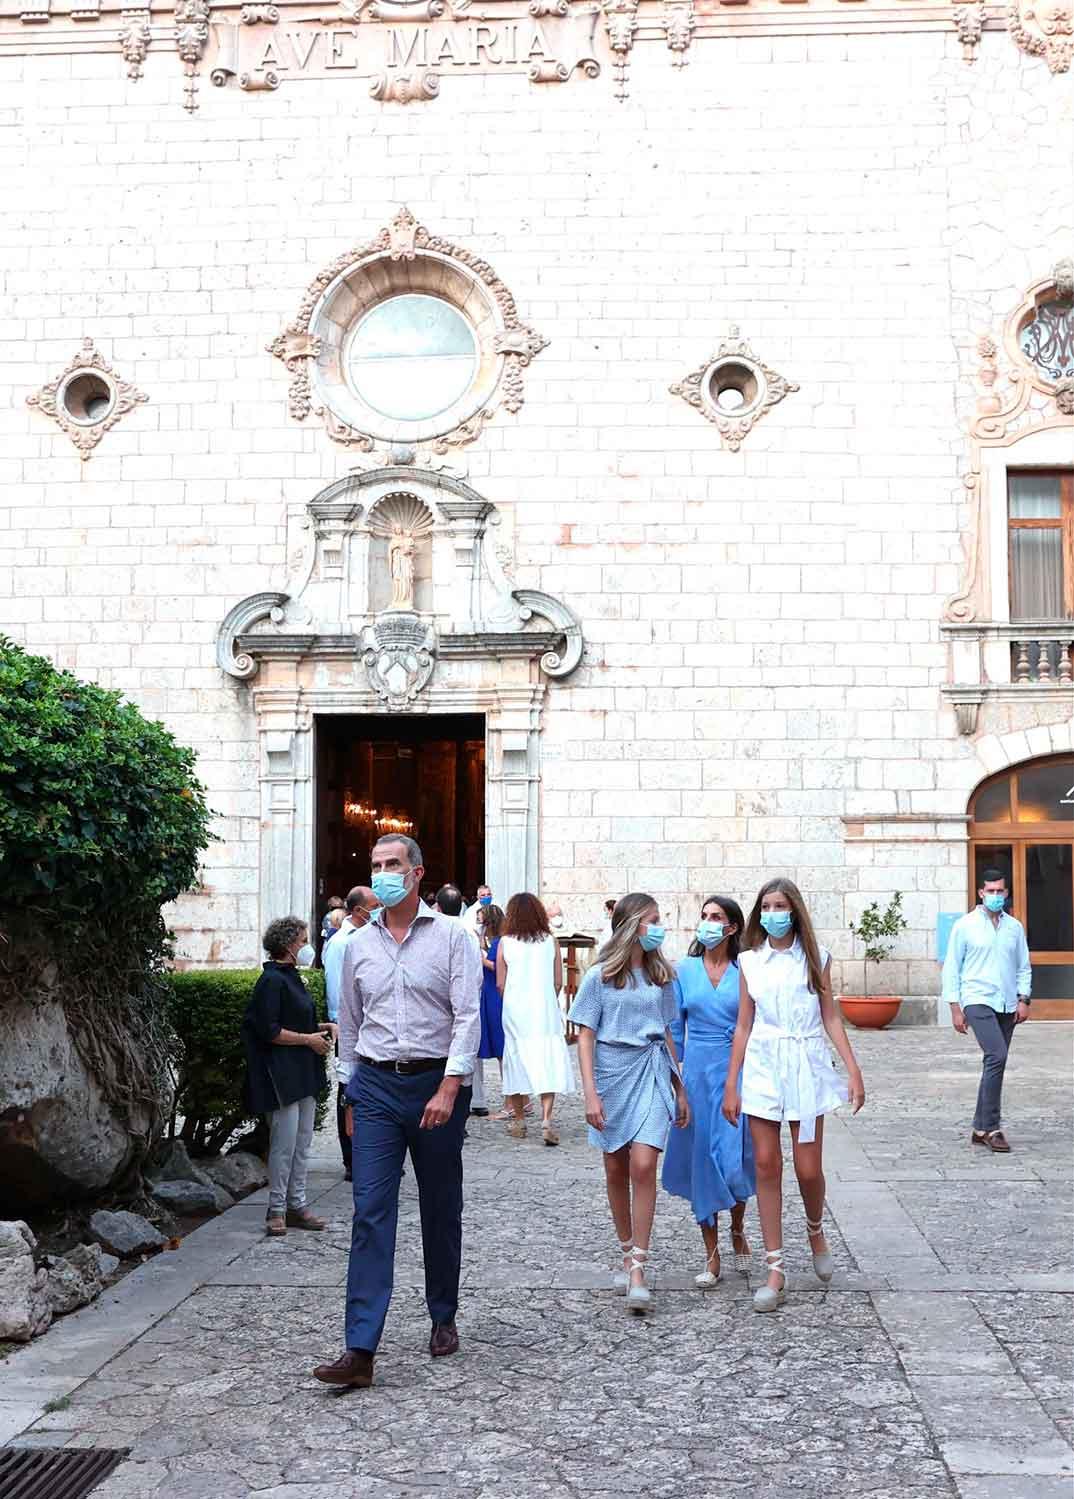 Reyes Felipe y Letizia con sus hijas Leonor y Sofía - Palma de Mallorca © Casa S.M. El Rey